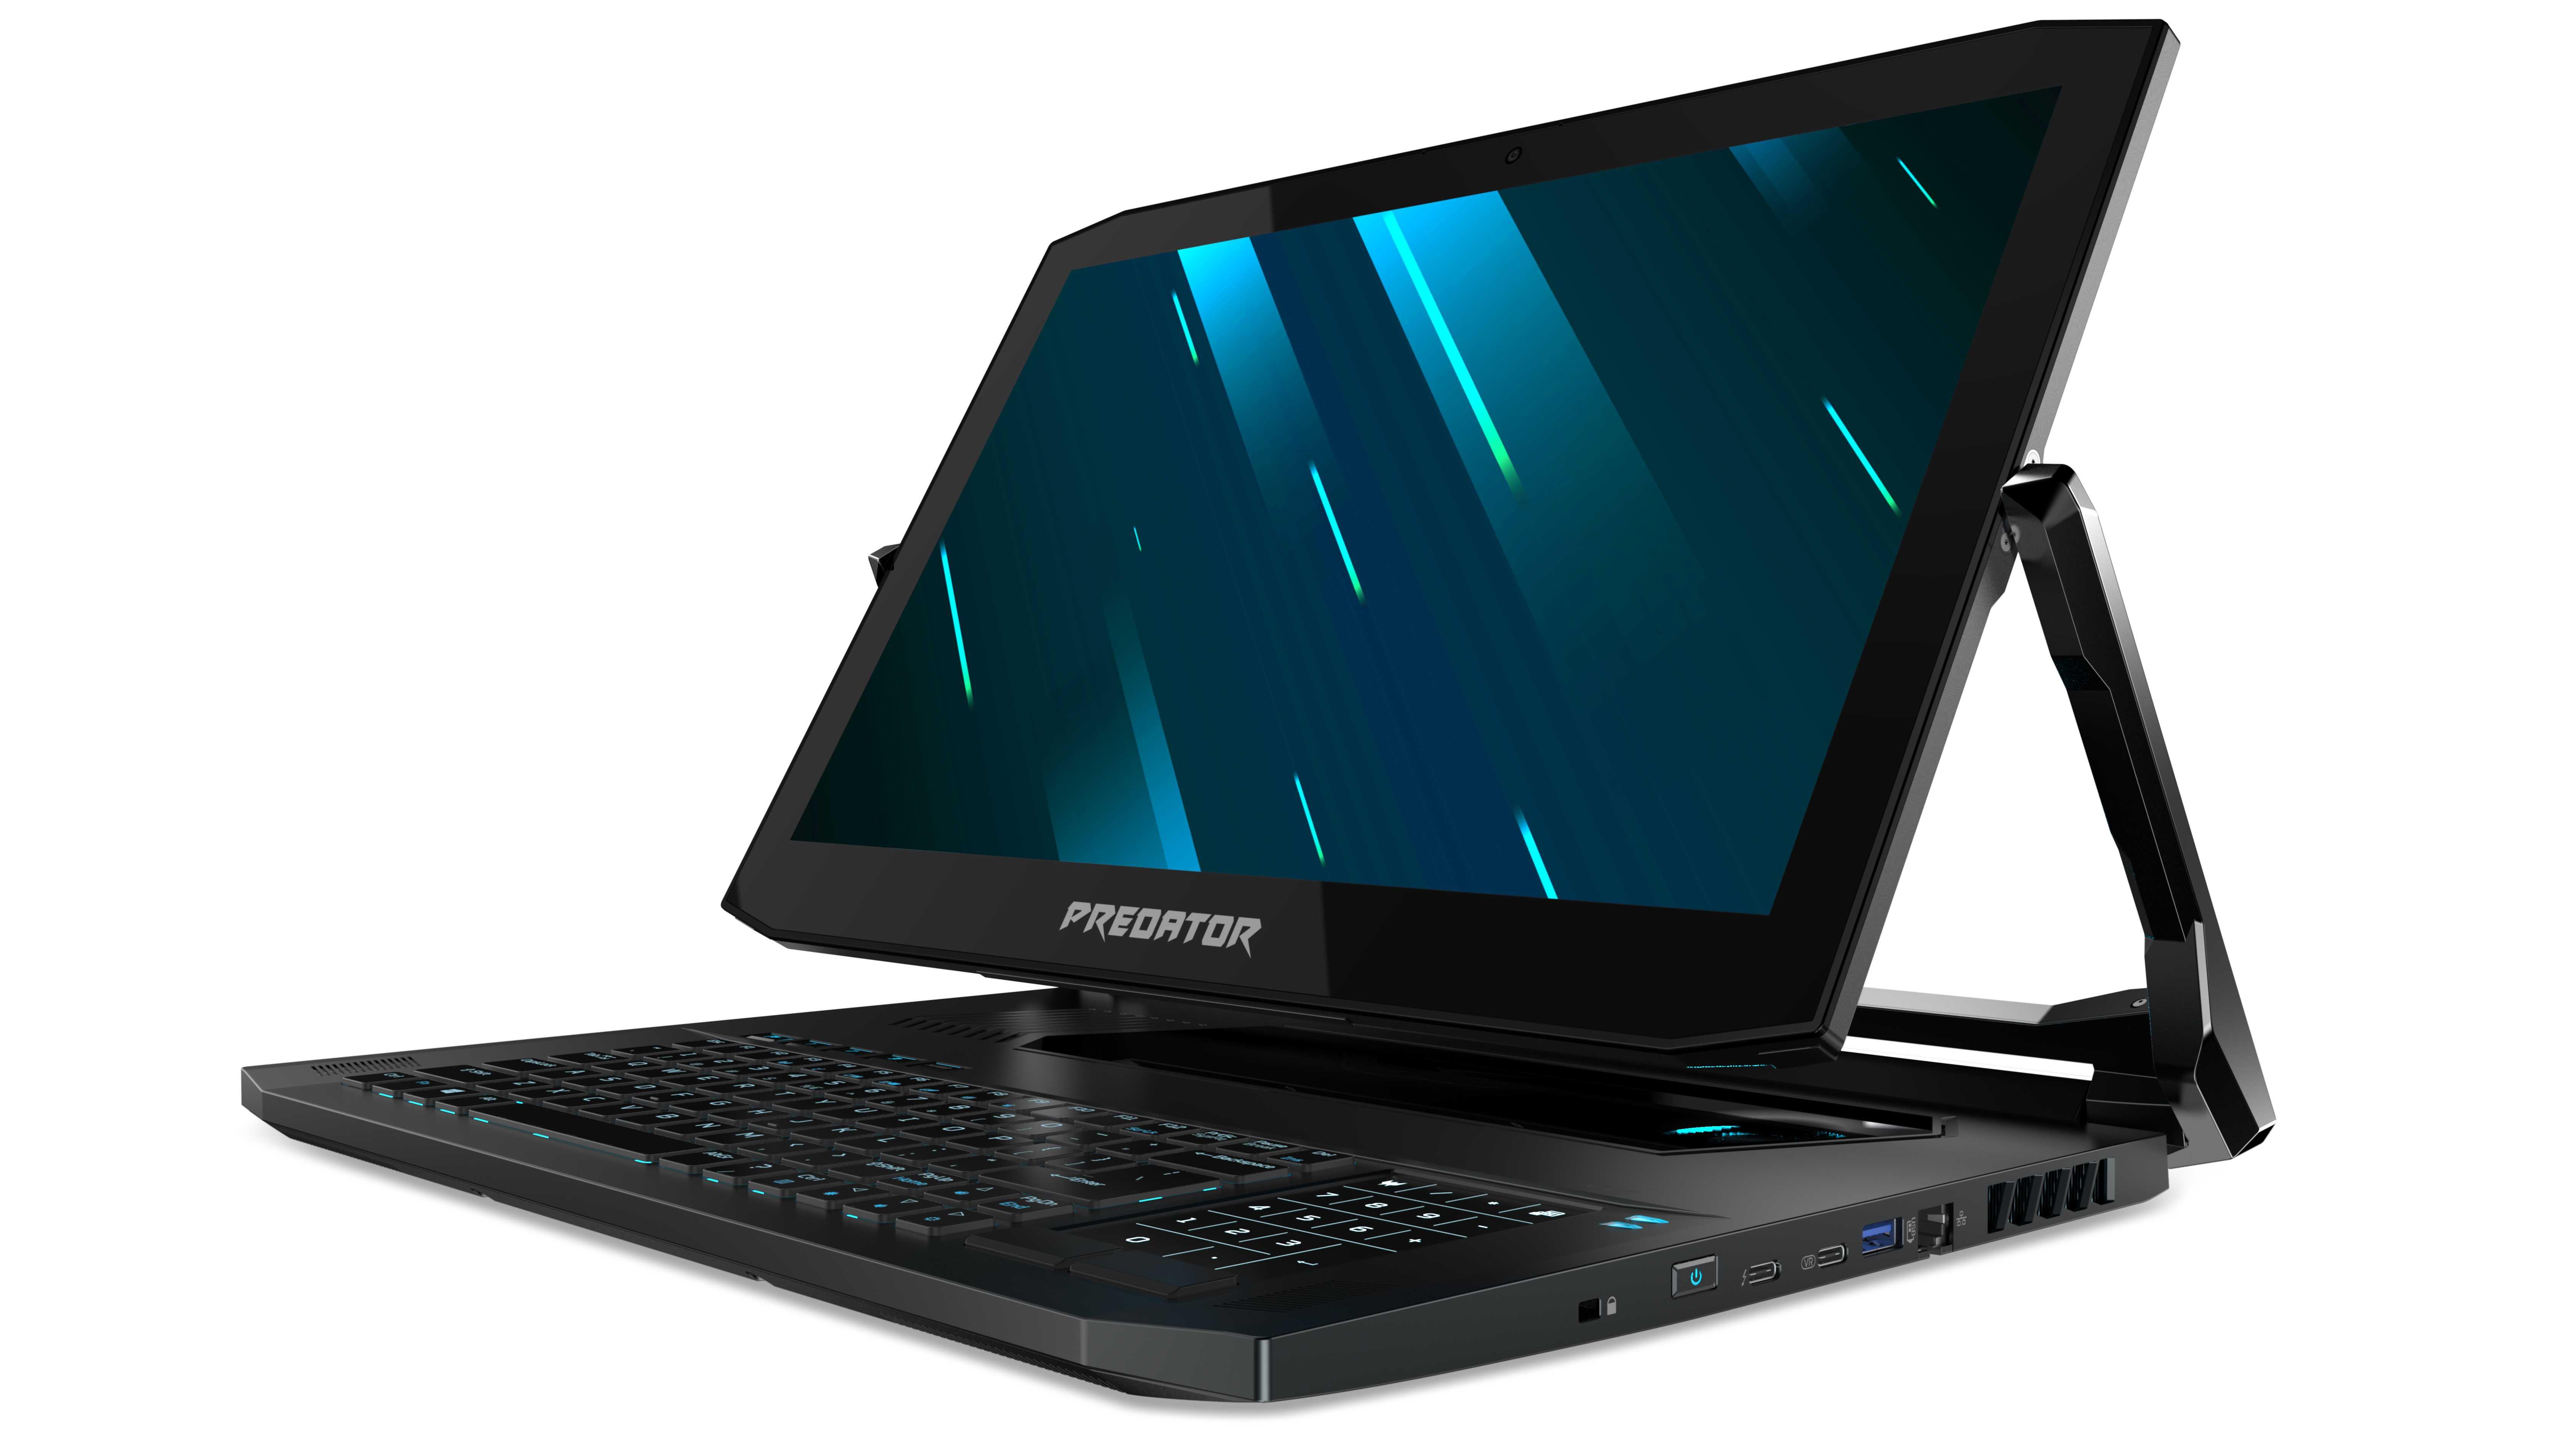 Predator Triton: Flache und potente Gaming-Notebooks von Acer